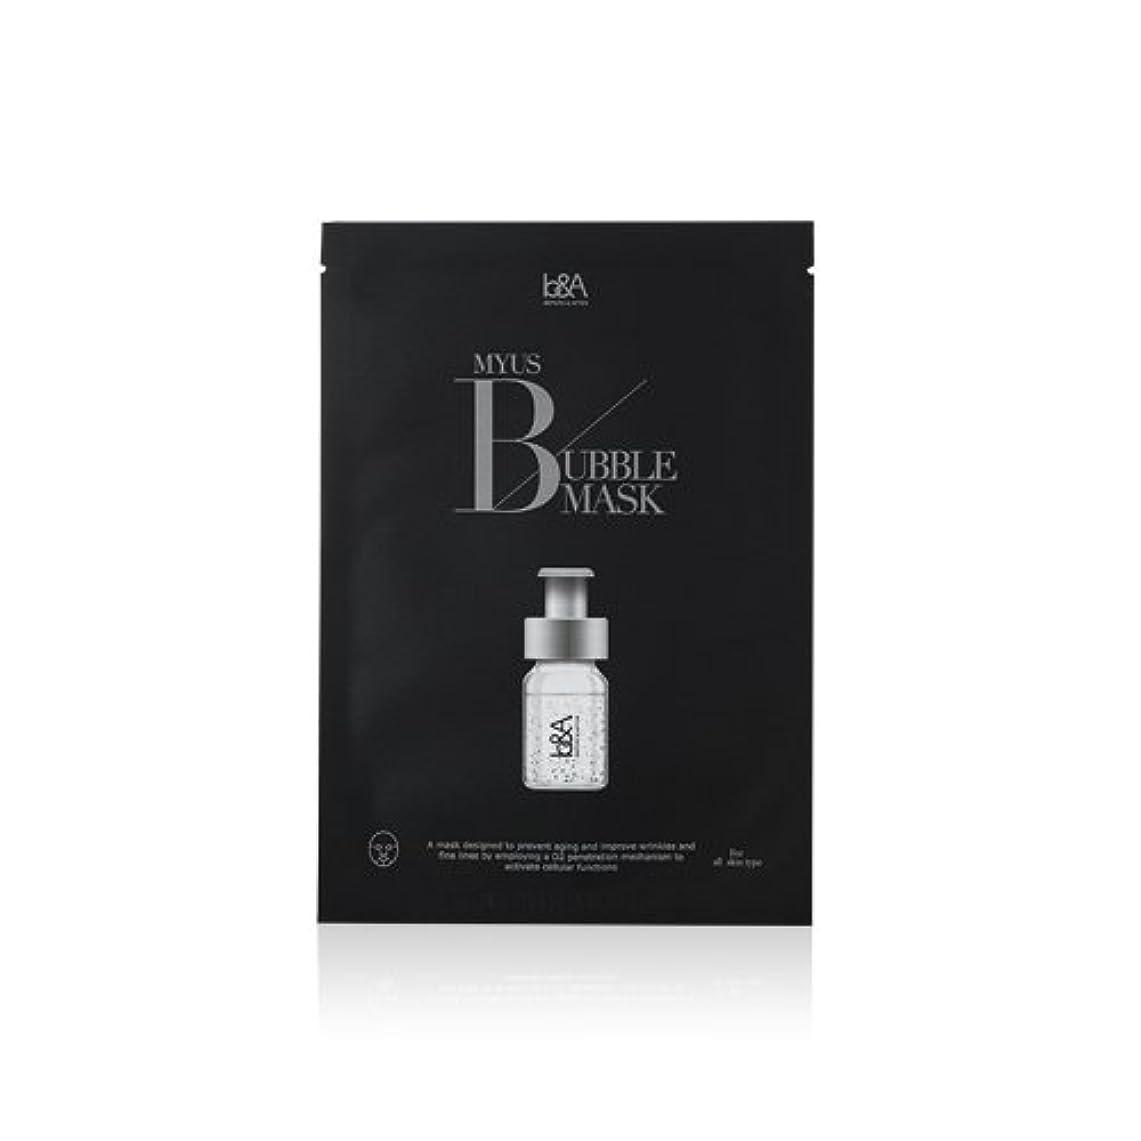 ブレーキ束コンセンサスBigBang Top [K cosmetic][K beauty] Celeb's-Secret MYUS BUBBLE MASK 5pcs [海外直送品][並行輸入品]